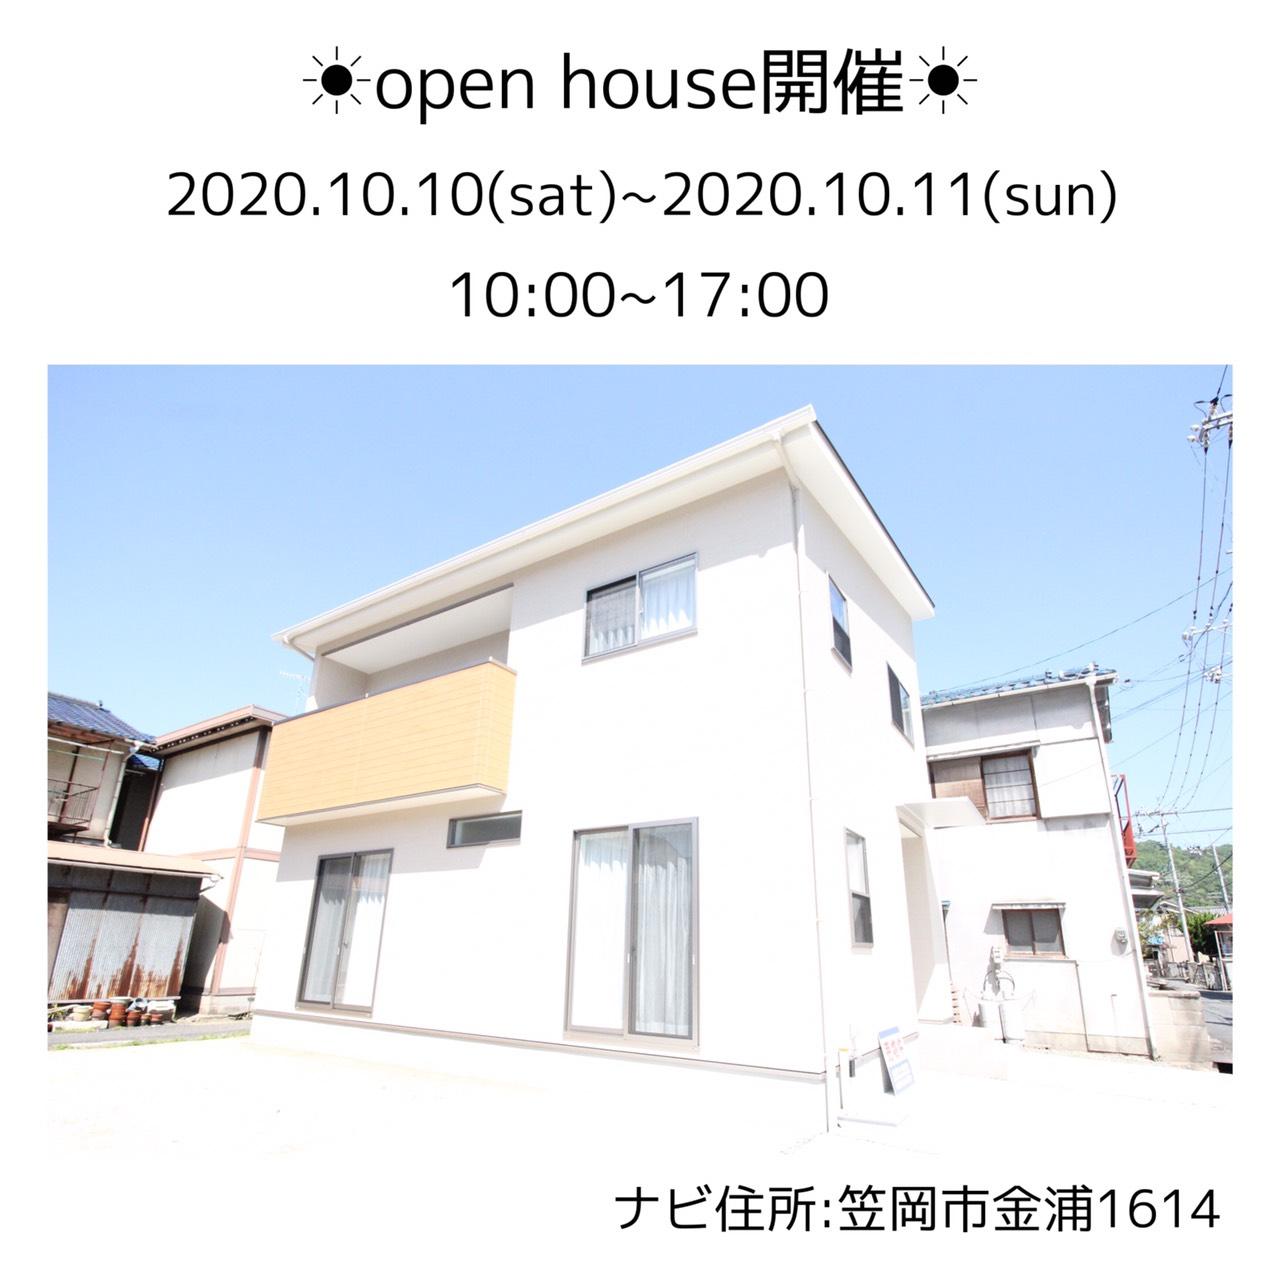 シンプルハウス金浦オープンハウス開催します!